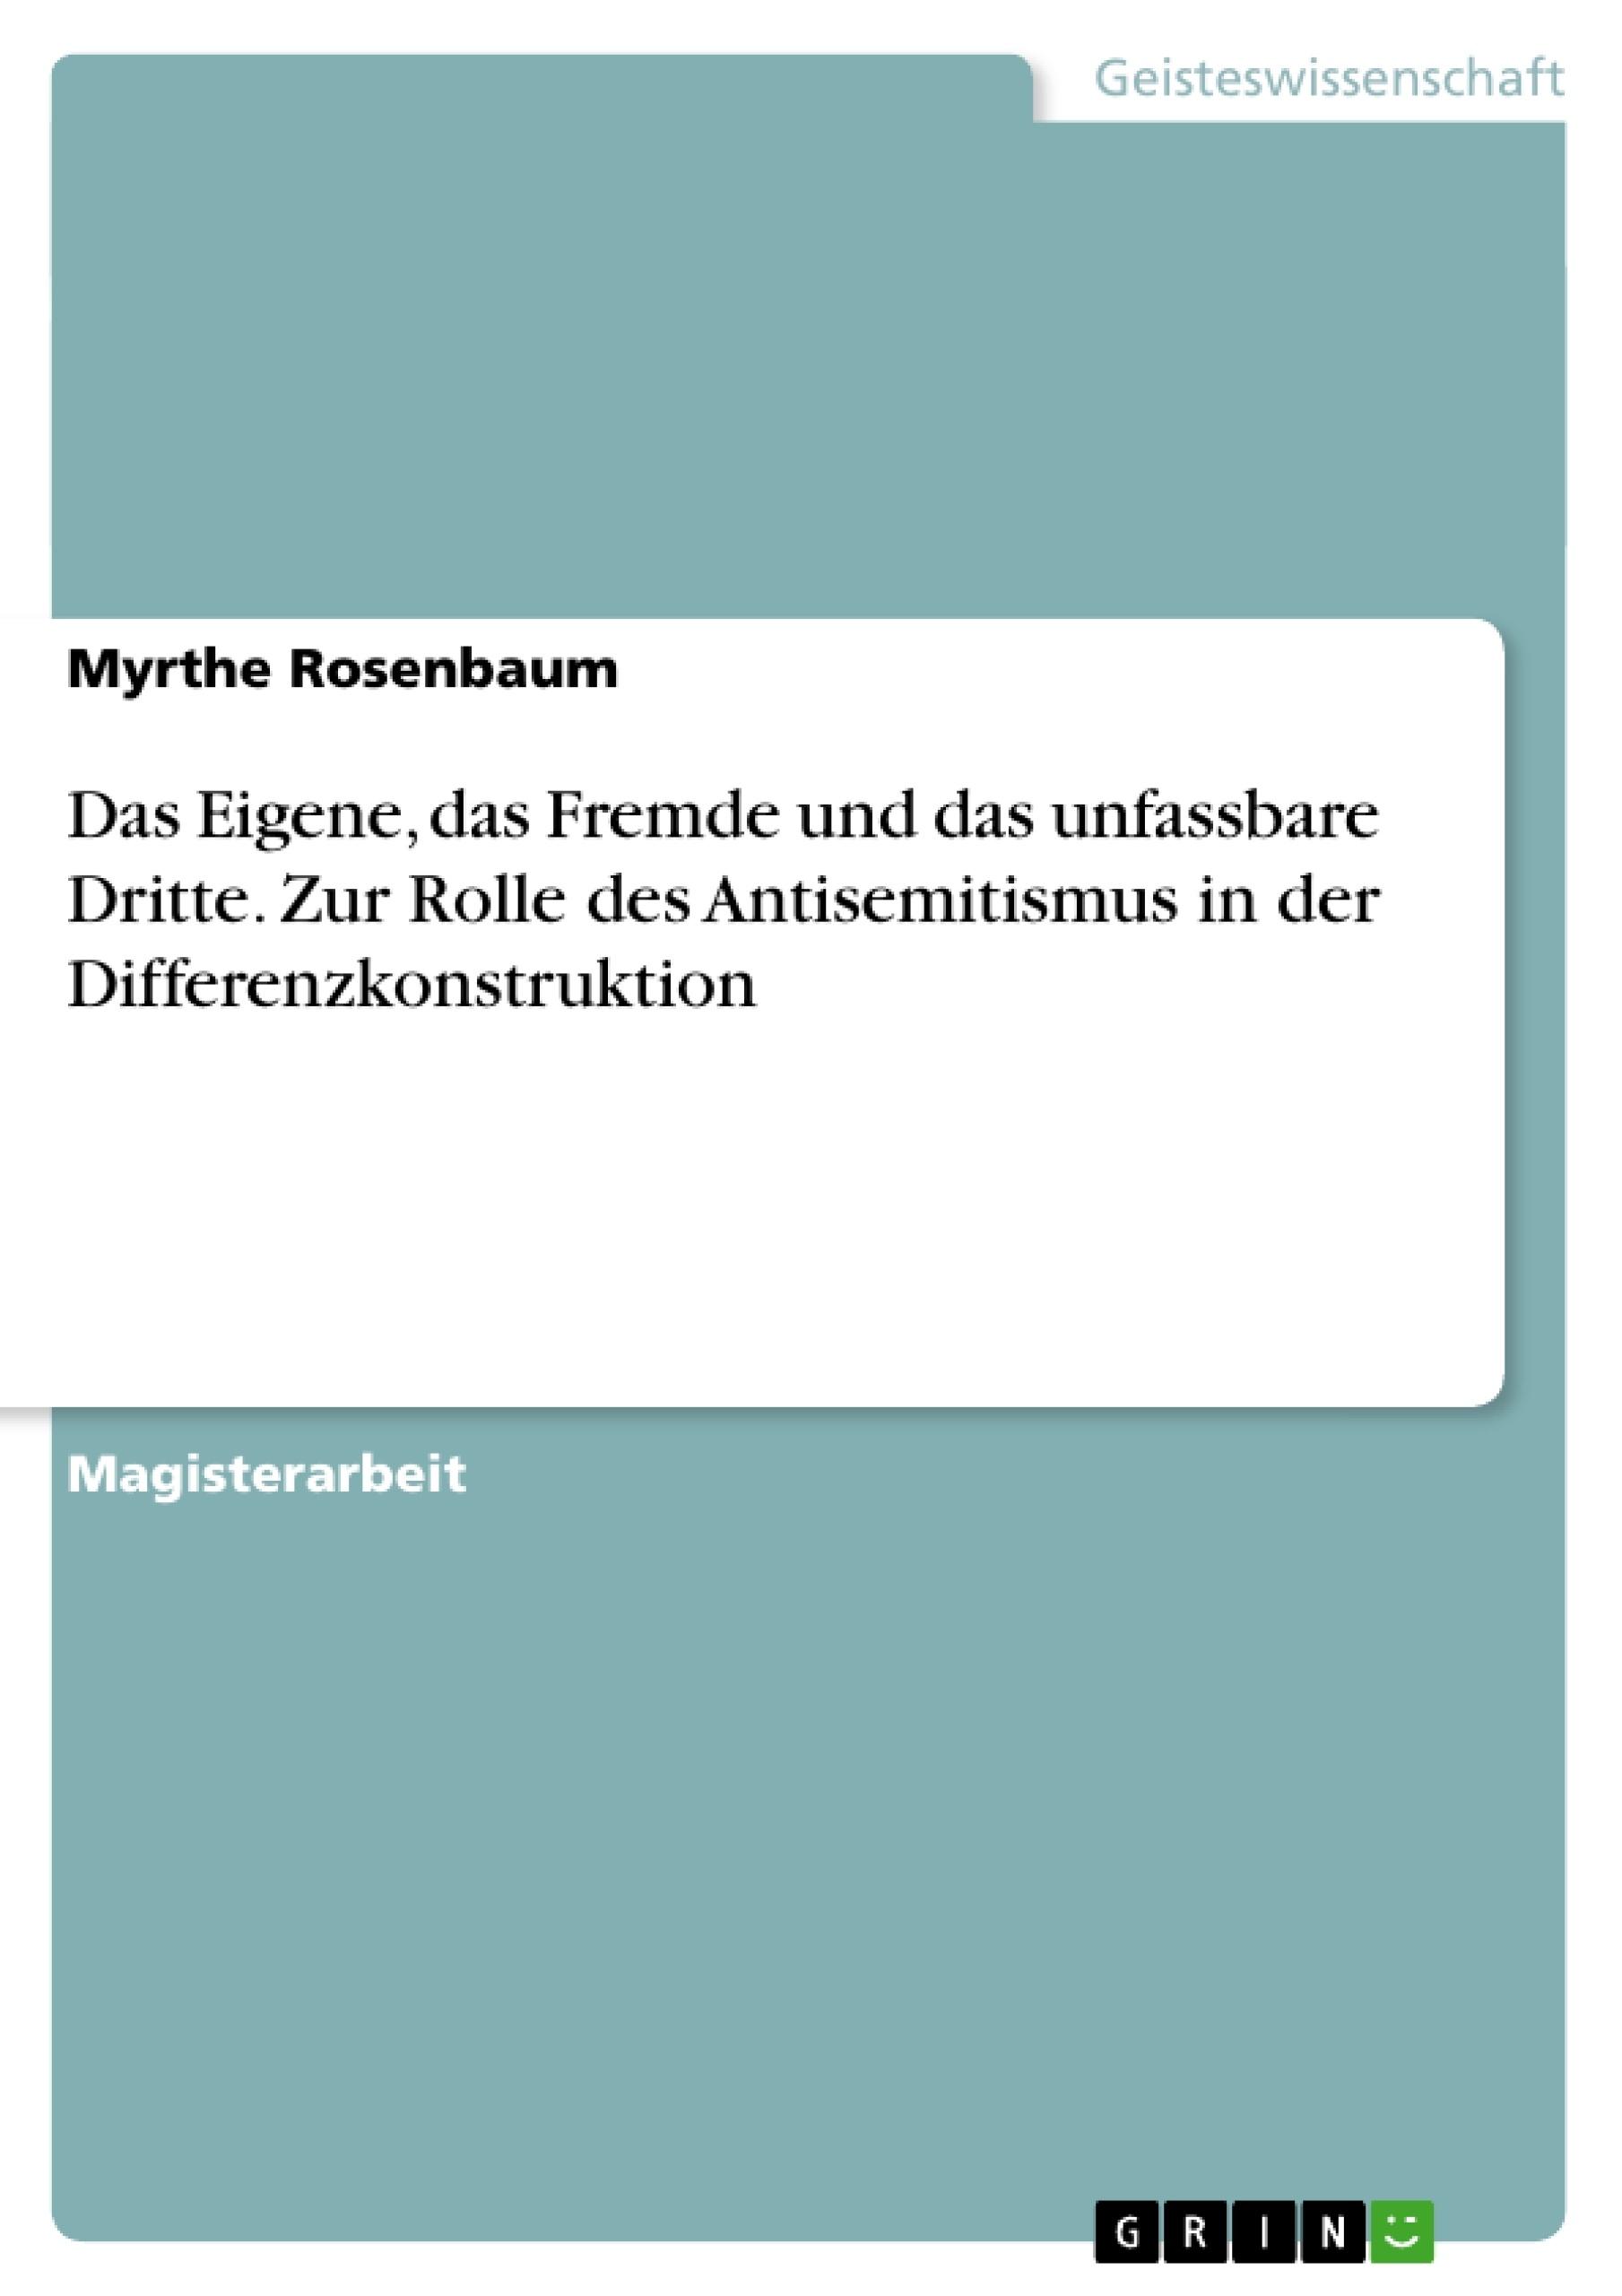 Titel: Das Eigene, das Fremde und das unfassbare Dritte. Zur Rolle des Antisemitismus in der Differenzkonstruktion